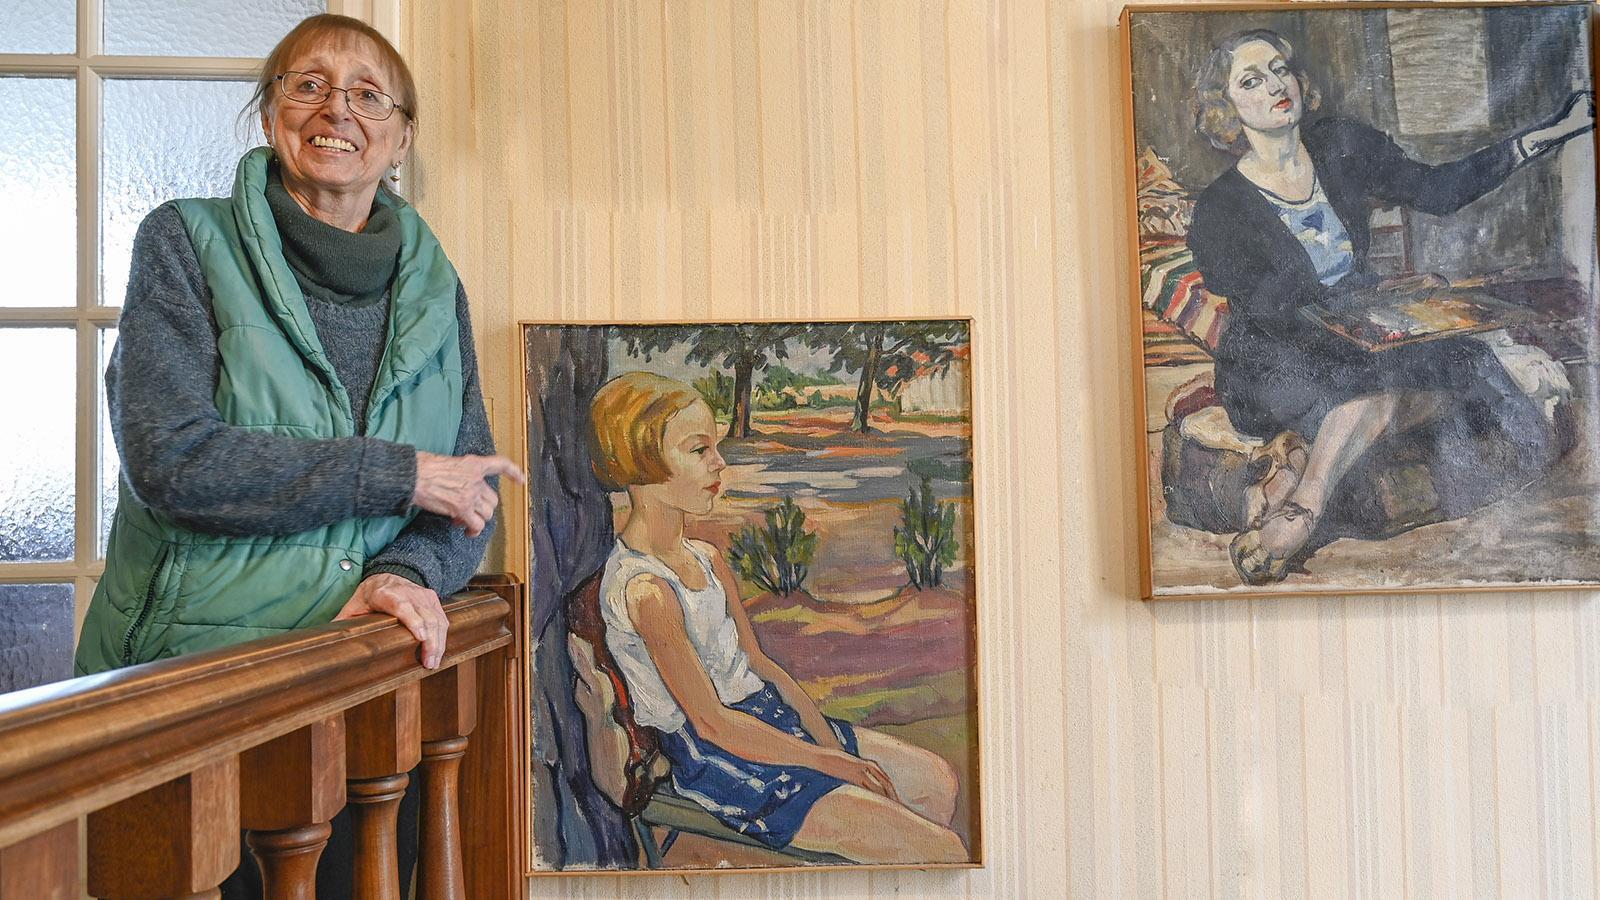 Madeleine Thoubillon de Moncroc: Chantal Haupt mit dem Bildnis ihrer Mutter und dem Portrait, das ihre Mutter von ihr als Siebenjährige gemacht hat. Foto: Hilke Maunder